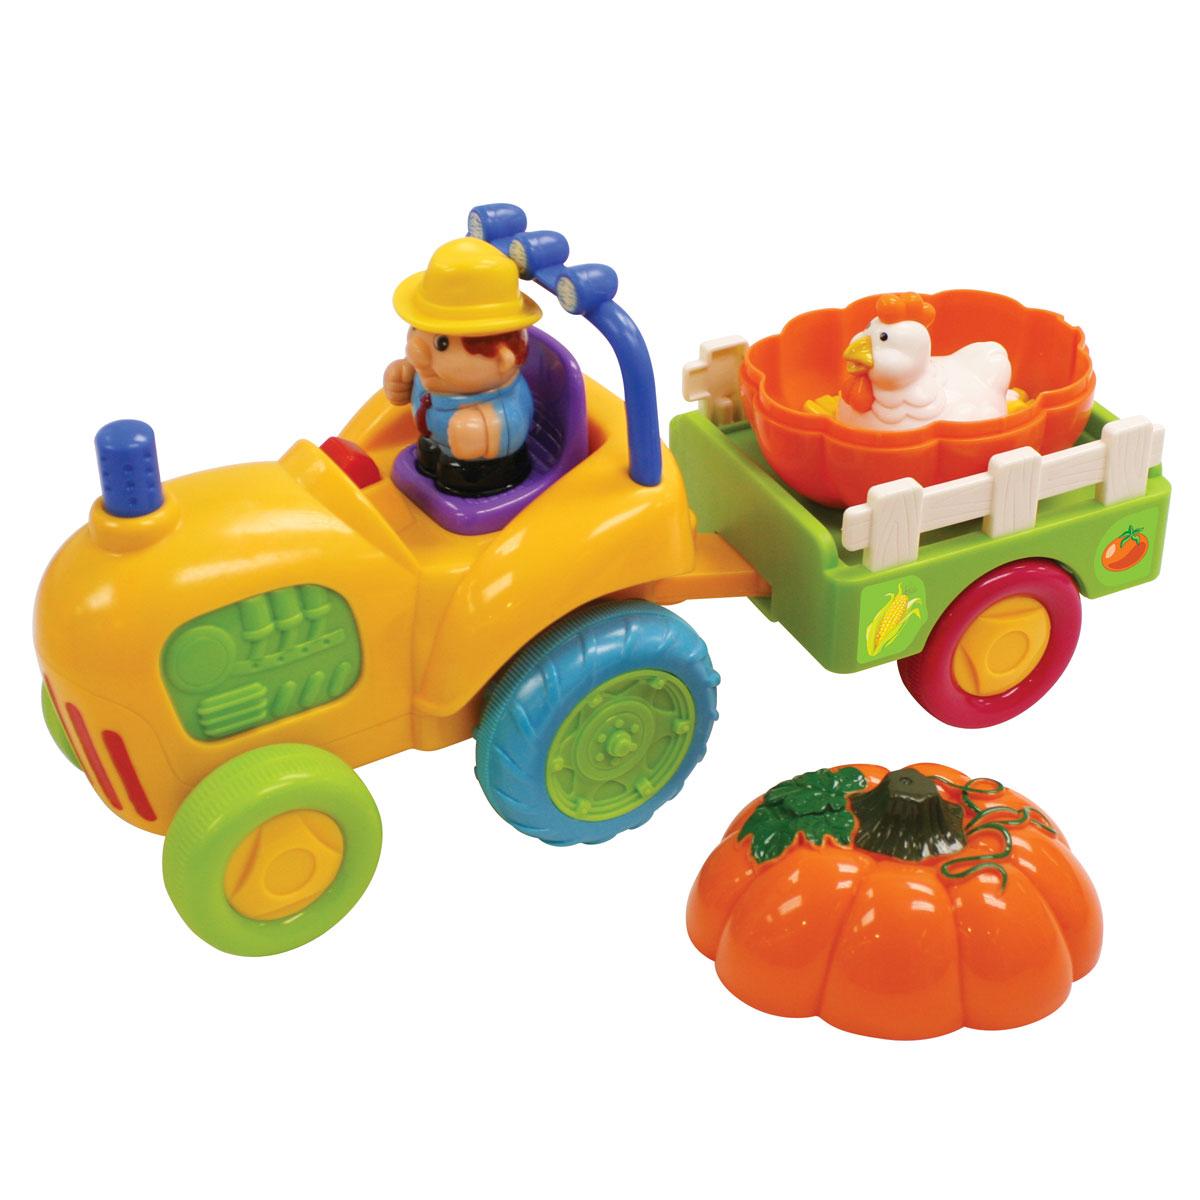 Kiddieland Развивающий центр Трактор с тыквойKID 041319Развивающий центр Kiddieland Трактор с тыквой - забавная развивающая игрушка с сюрпризом. В прицепе трактора лежит огромная тыква. Снимаем верхнюю половинку тыквы - а внутри на сене сидит курочка. Поднимаем курочку - а она, оказывается, высиживает яйца. В кабине трактора сидит человечек-тракторист, нажав на которого, малыш услышит мелодию. Нажав на трубу трактора, можно услышать шум мотора. Игрушка способствует развитию мелкой моторики, слухового и зрительного восприятия. Рекомендуемый возраст: от 18 месяцев. Питание: 3 батарейки типа АА (входят в комплект).